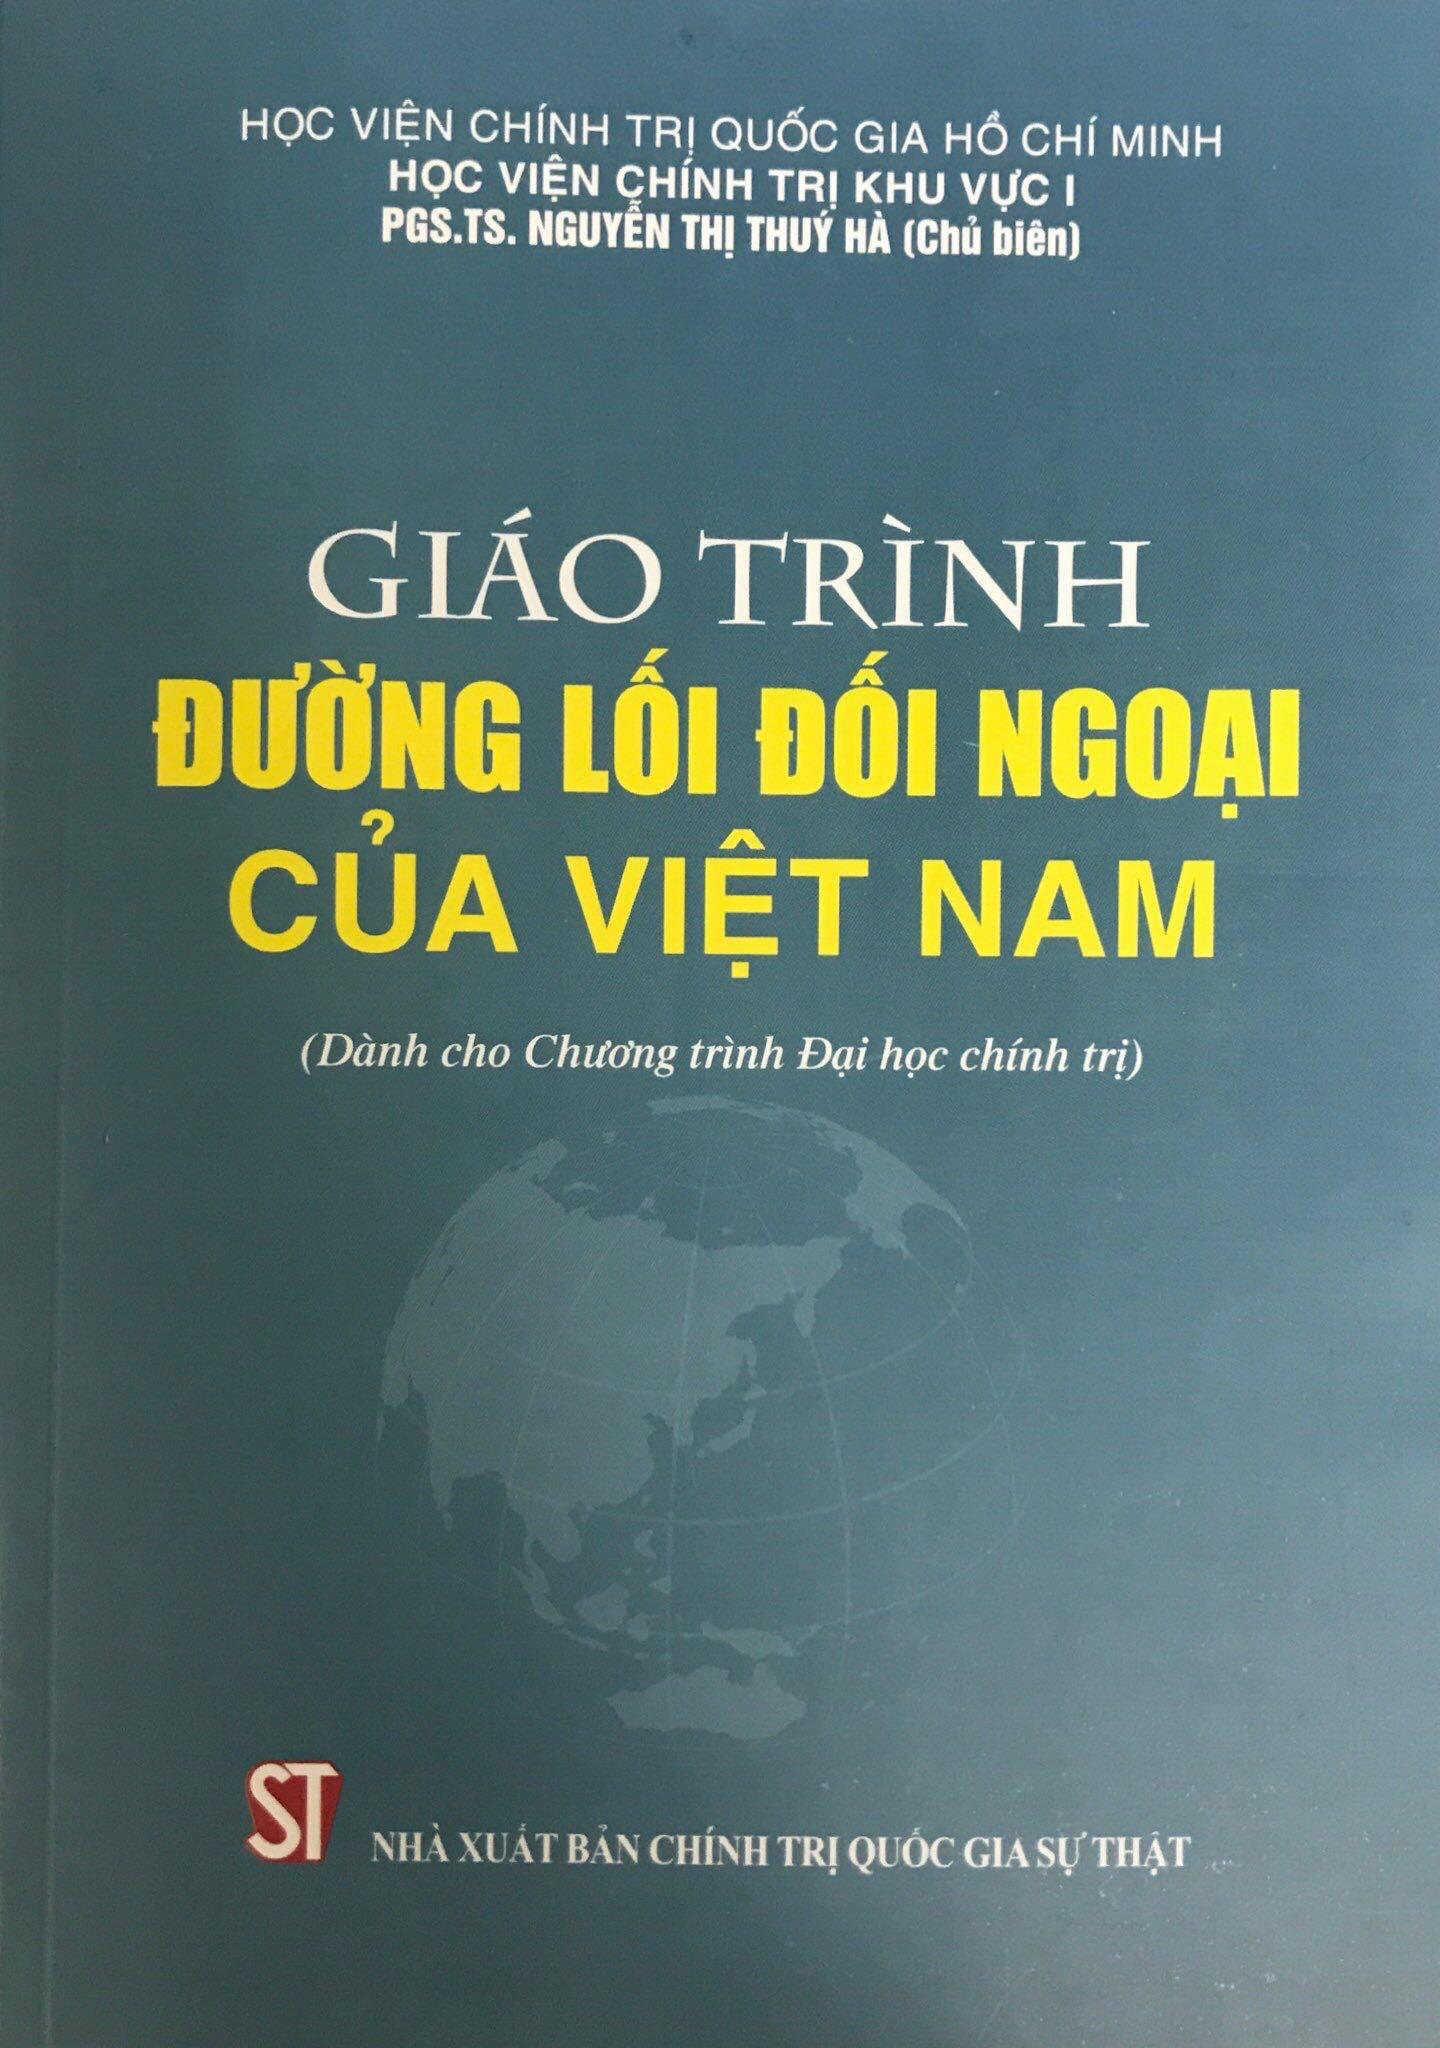 Giáo trình đường lối đối ngoại của Việt Nam (Dành cho Chương trình Đại học chính trị)